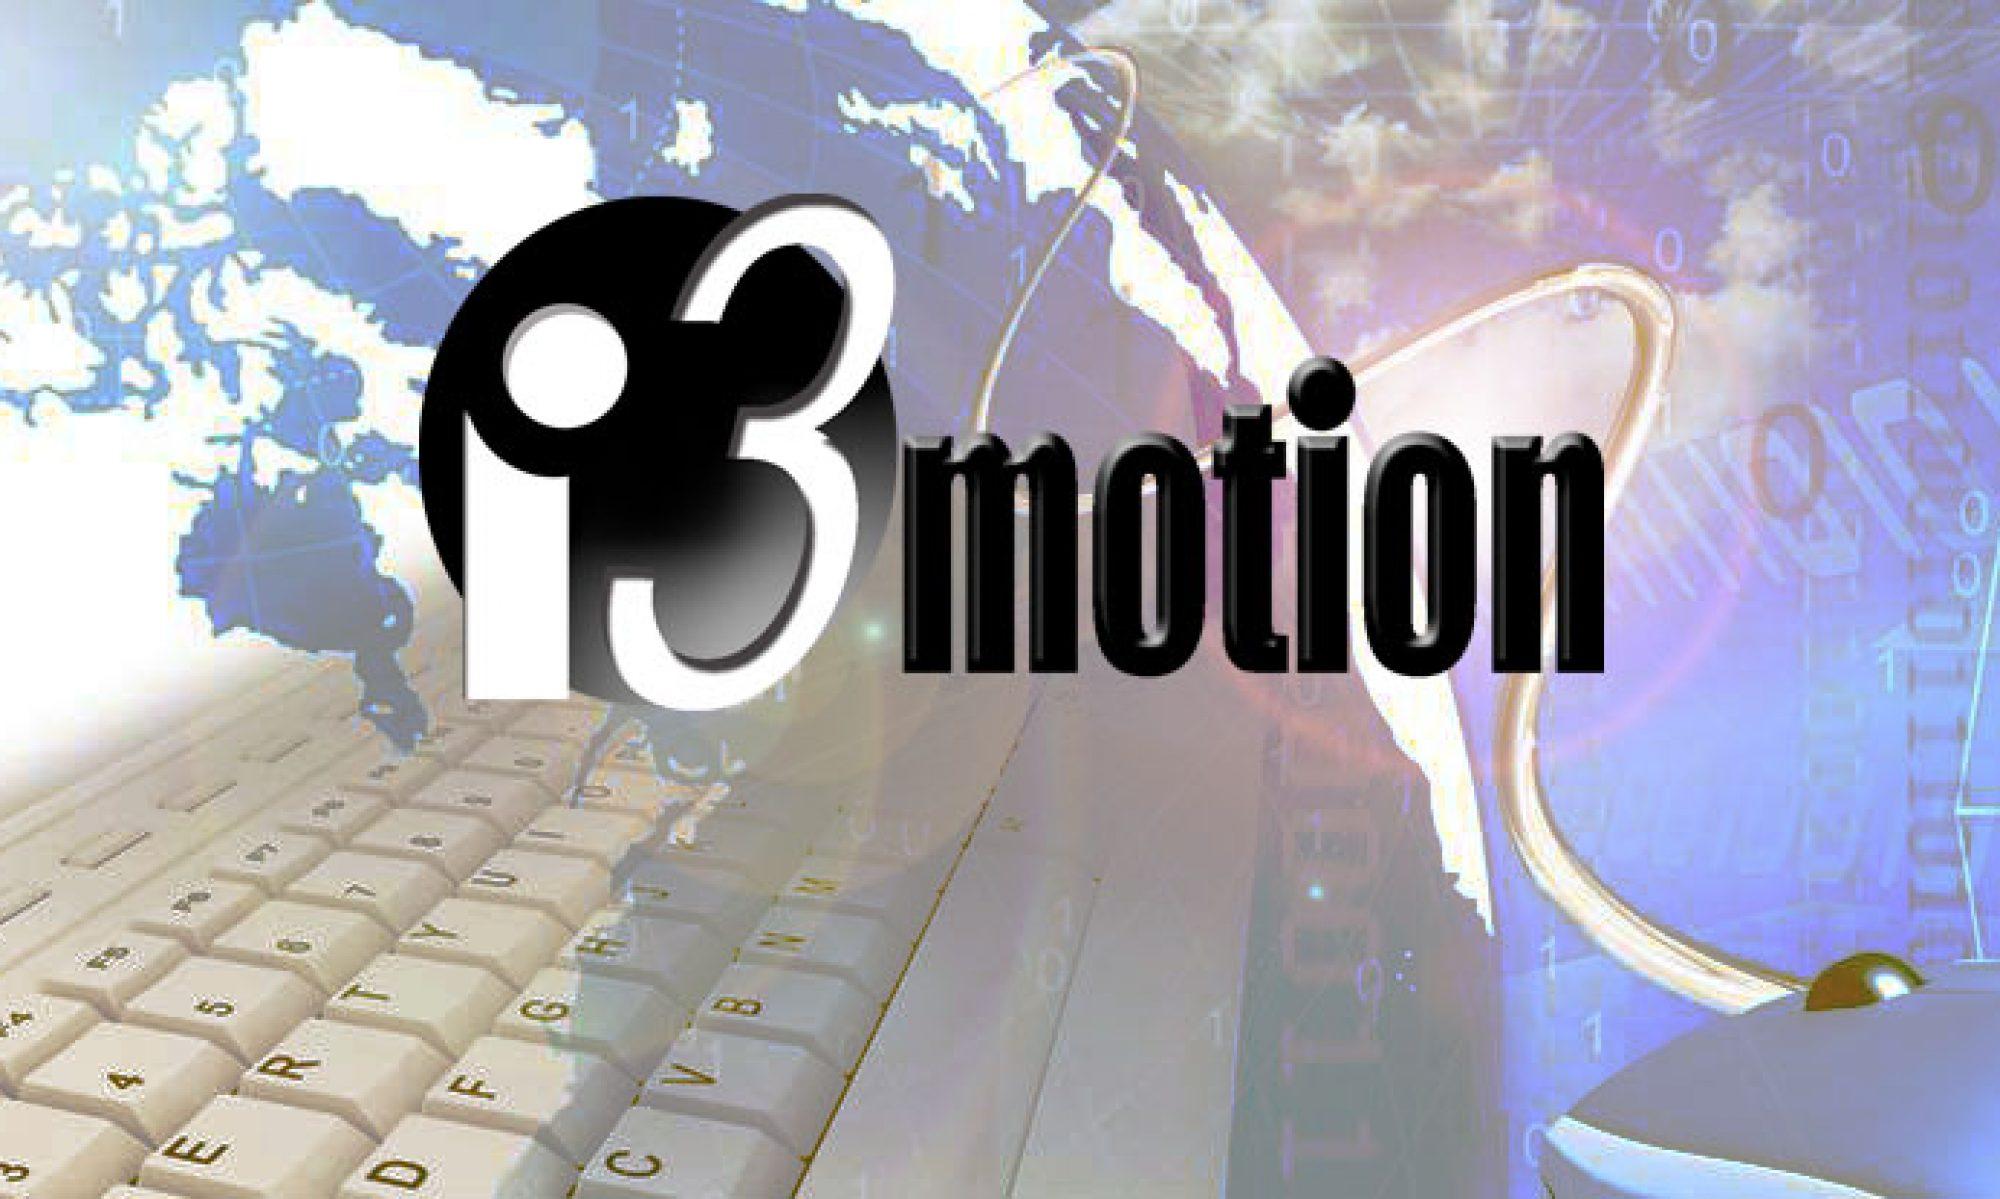 i3motion